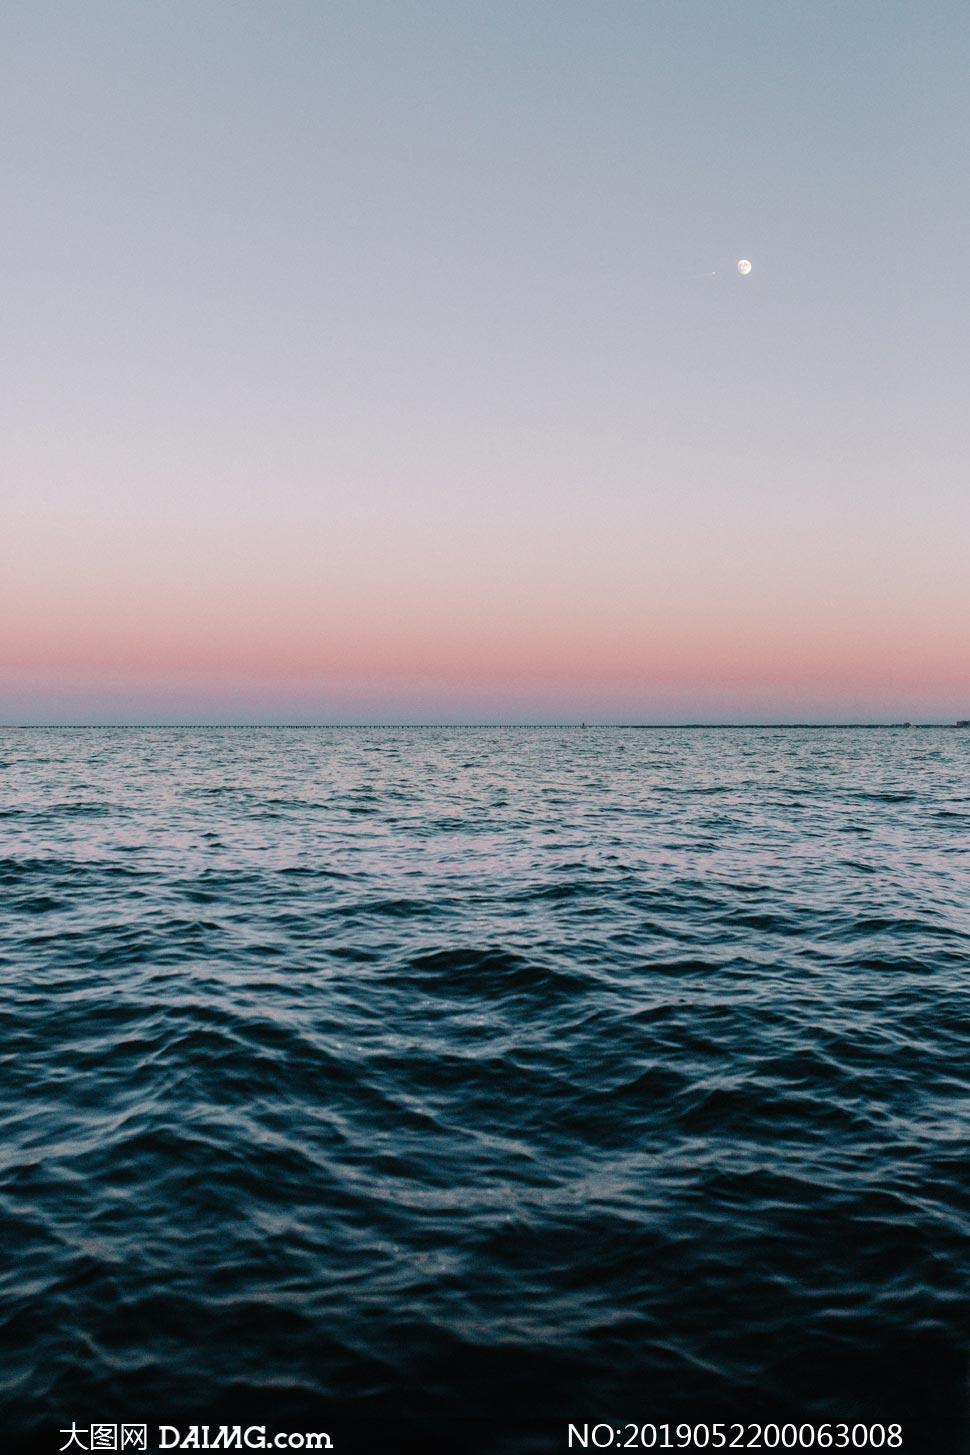 月光下的海洋美景摄影图片